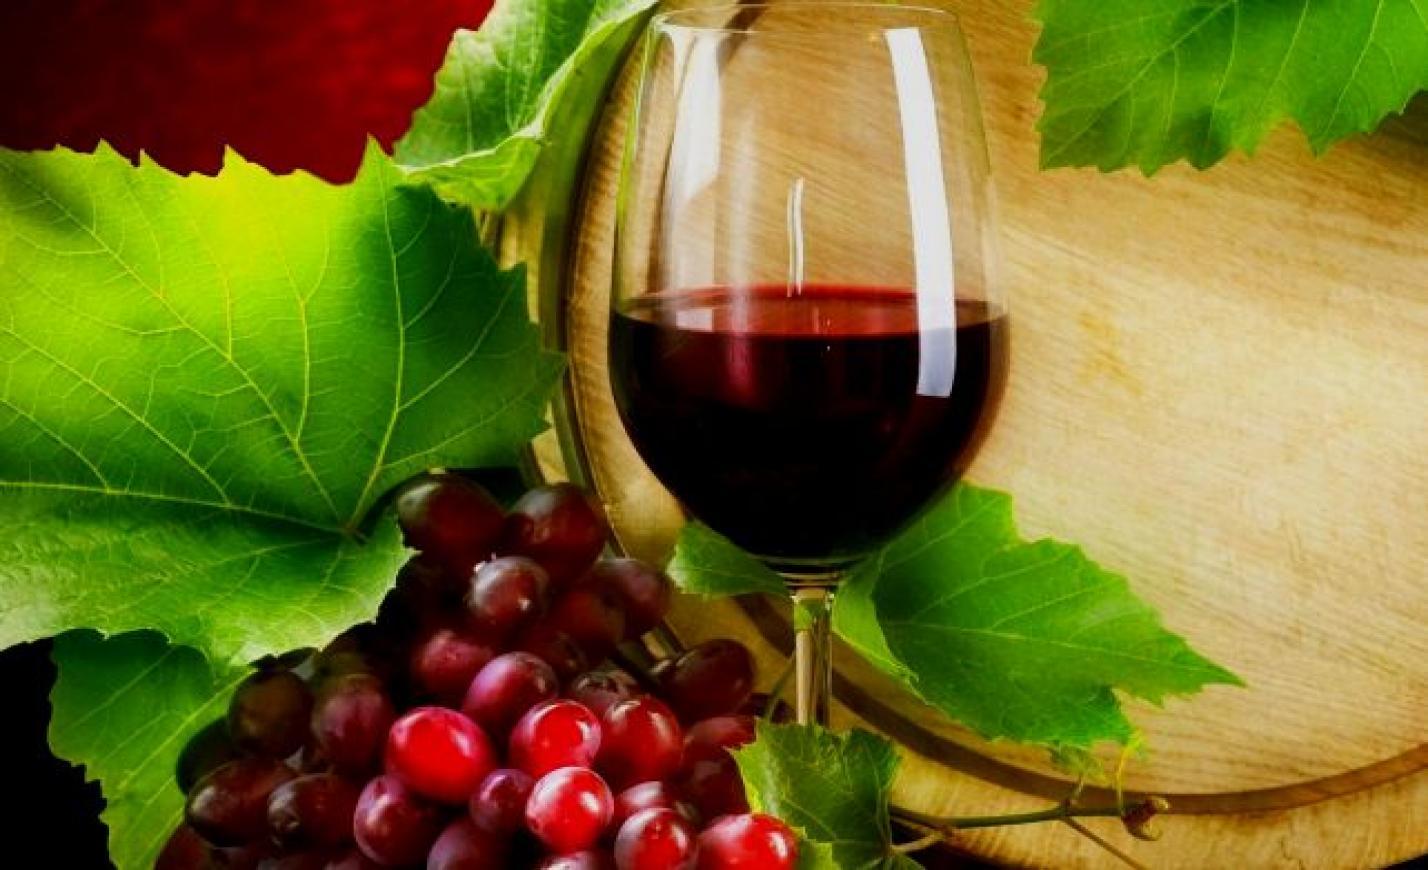 Átlagos mennyiségű, jó minőségű bortermés várható